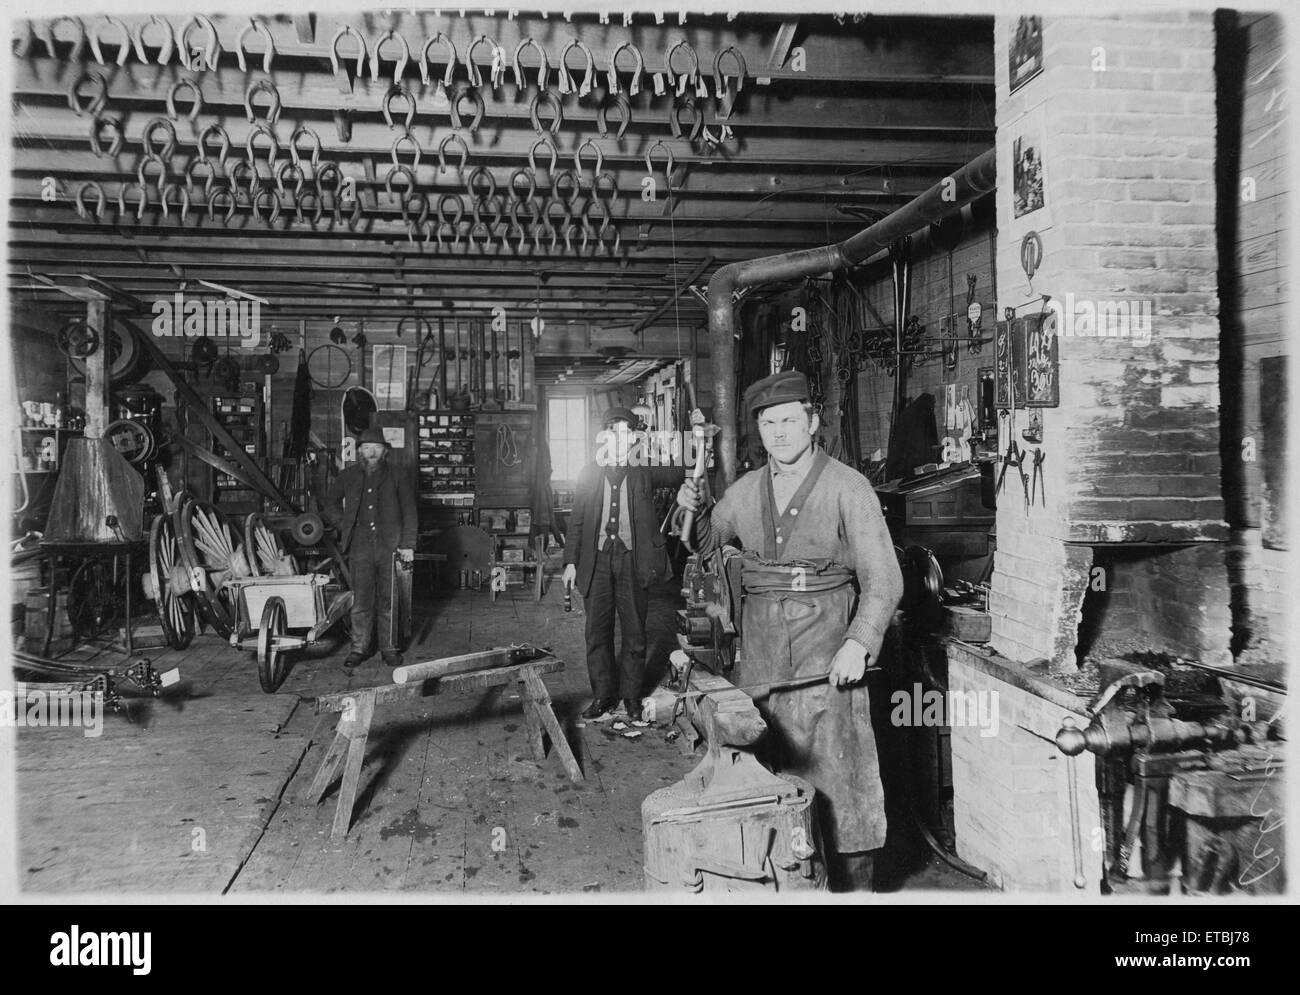 Blacksmith in Cartwright shop, circa 1890 - Stock Image